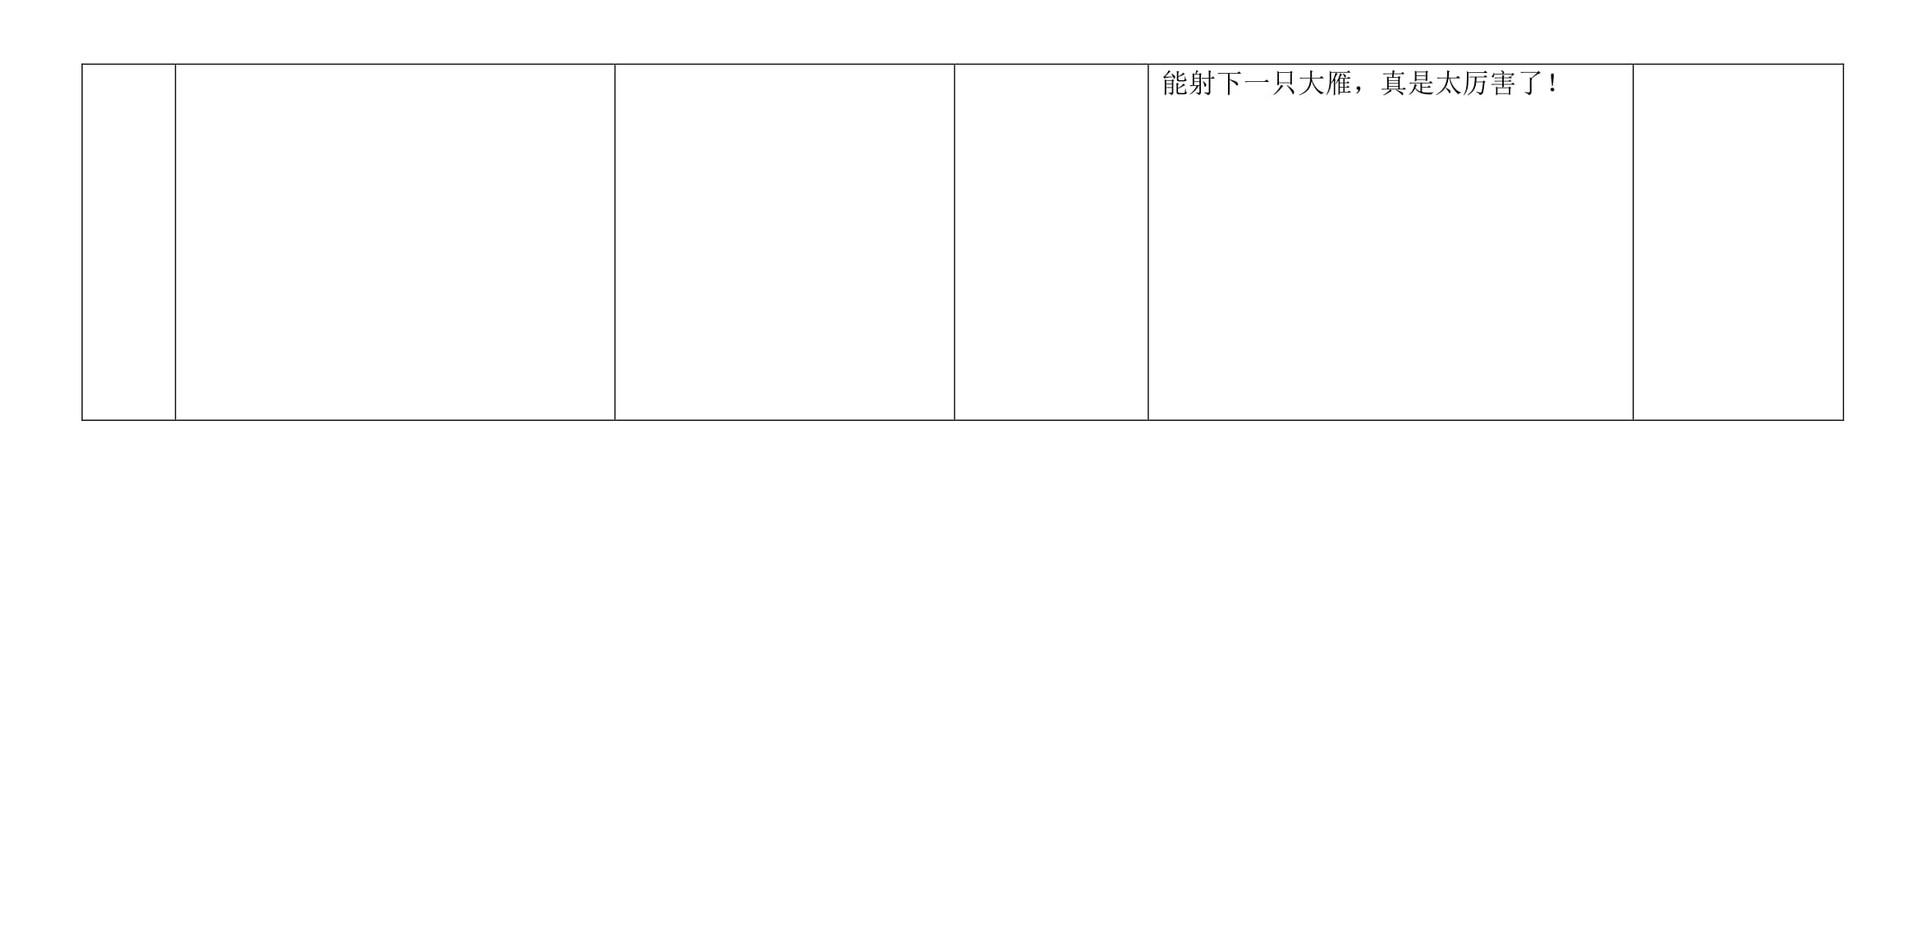 小学华文课外读物参考书目11.jpg